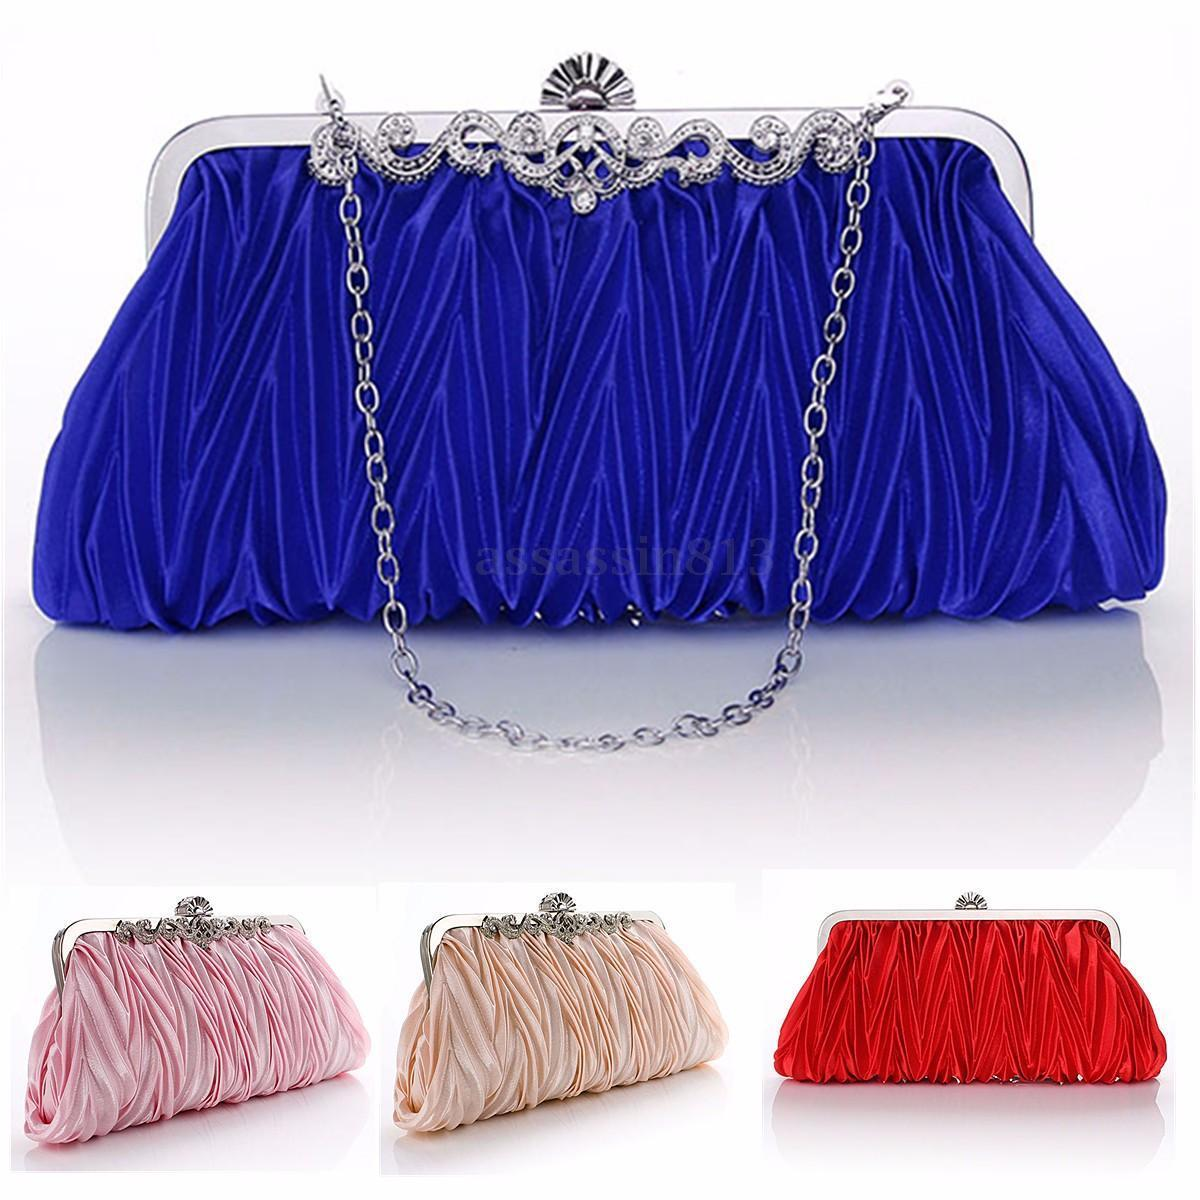 Fashion Lady Party Wedding Handbag Purse Girl Soft Evening Bag Bridal Women Satin Crystal Clutch